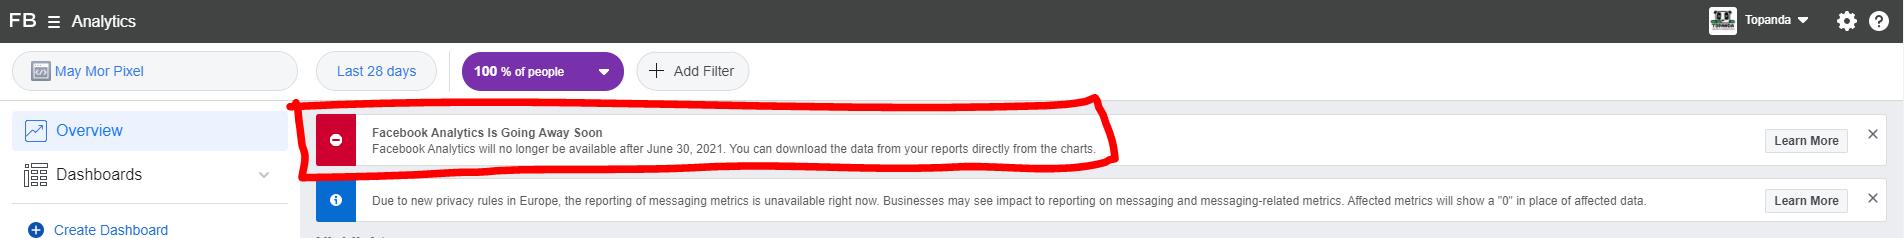 פייסבוק אנליטיקס נסגר